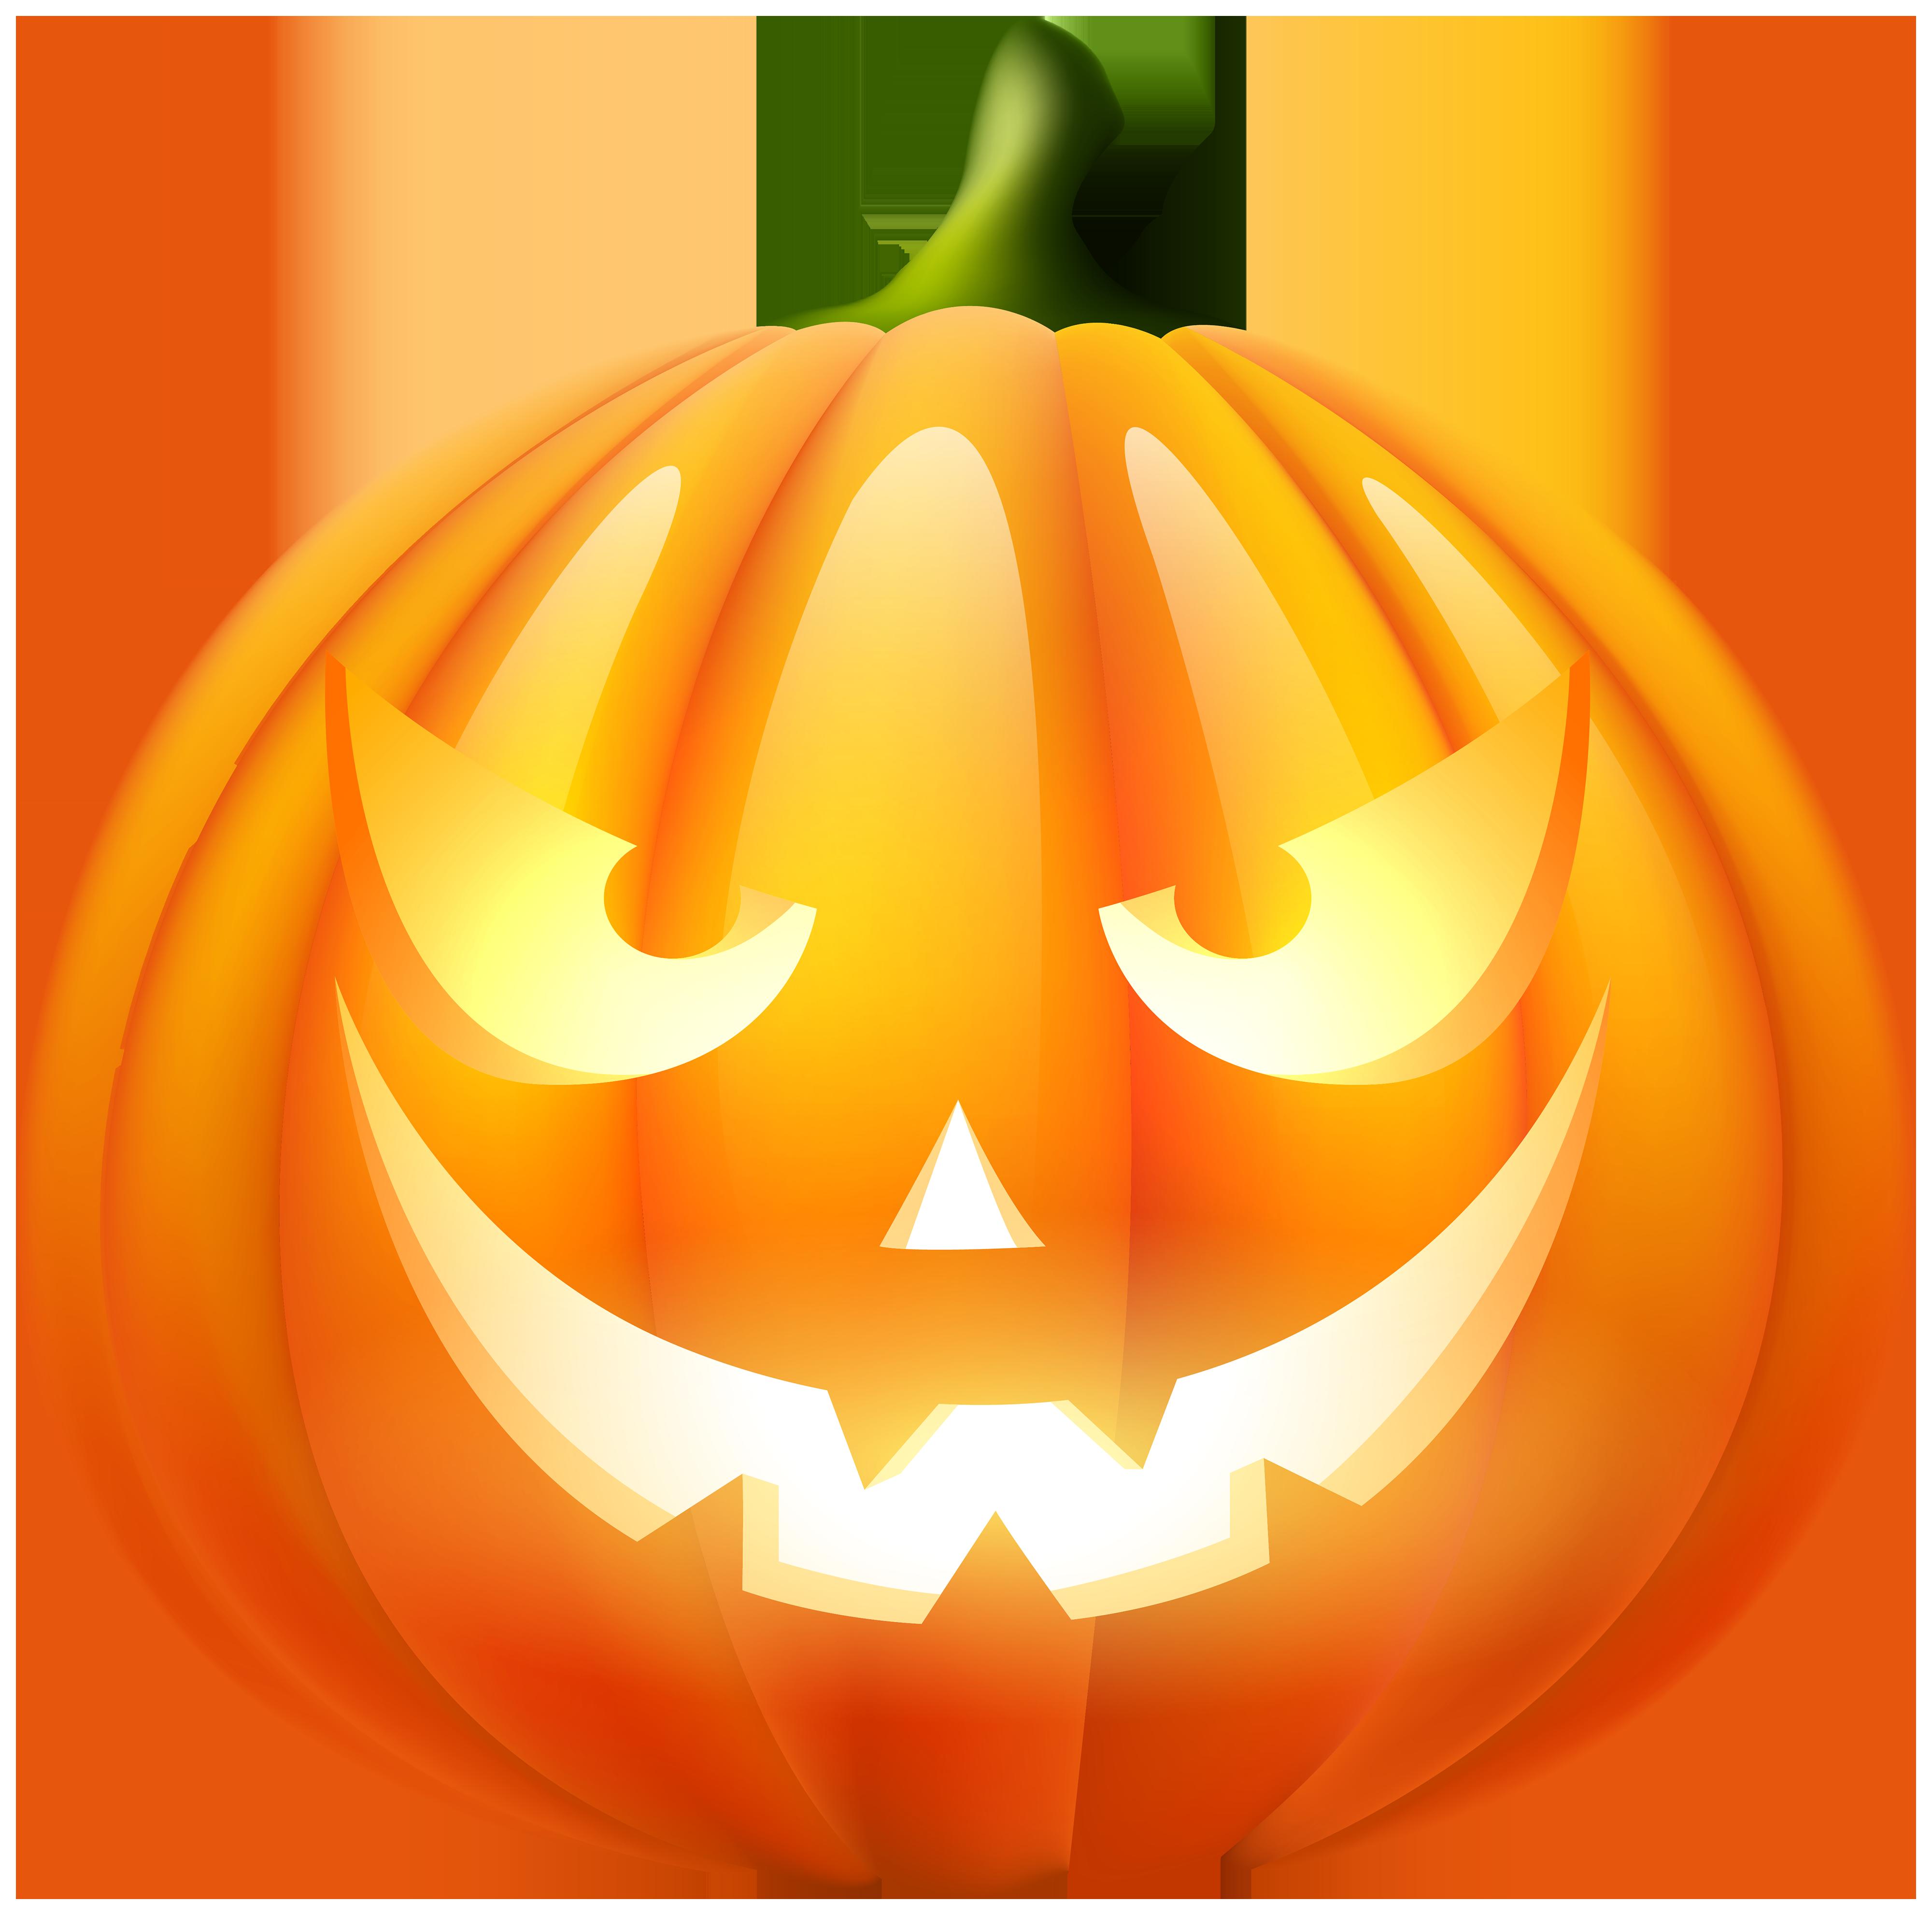 Halloween Pumpkin Png & Free Halloween Pumpkin.png Transparent.